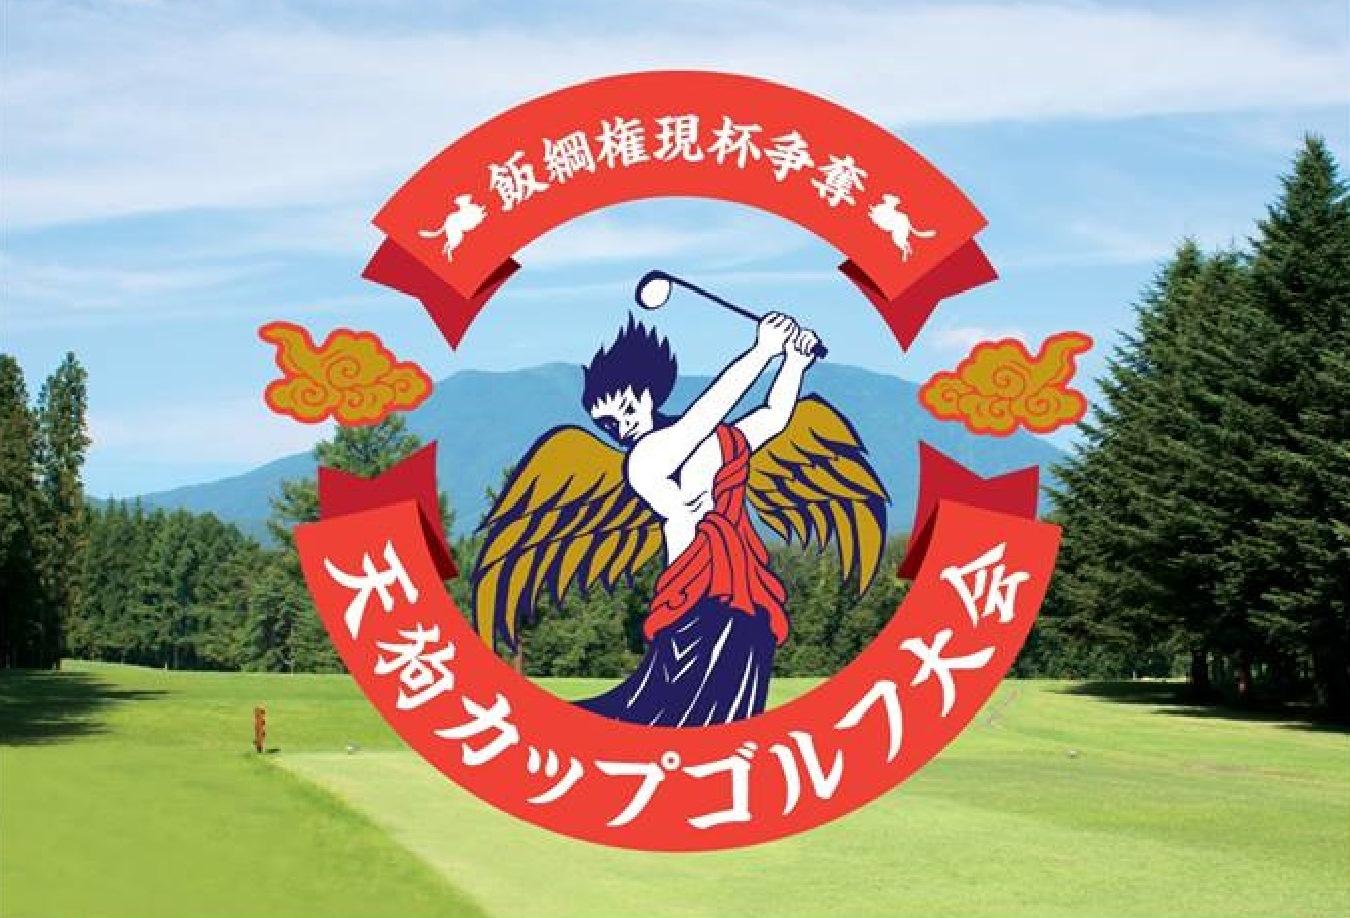 【終了しました。】飯綱権現杯争奪「天狗カップゴルフ大会」<br />(観光振興チャリティゴルフ大会)のご案内